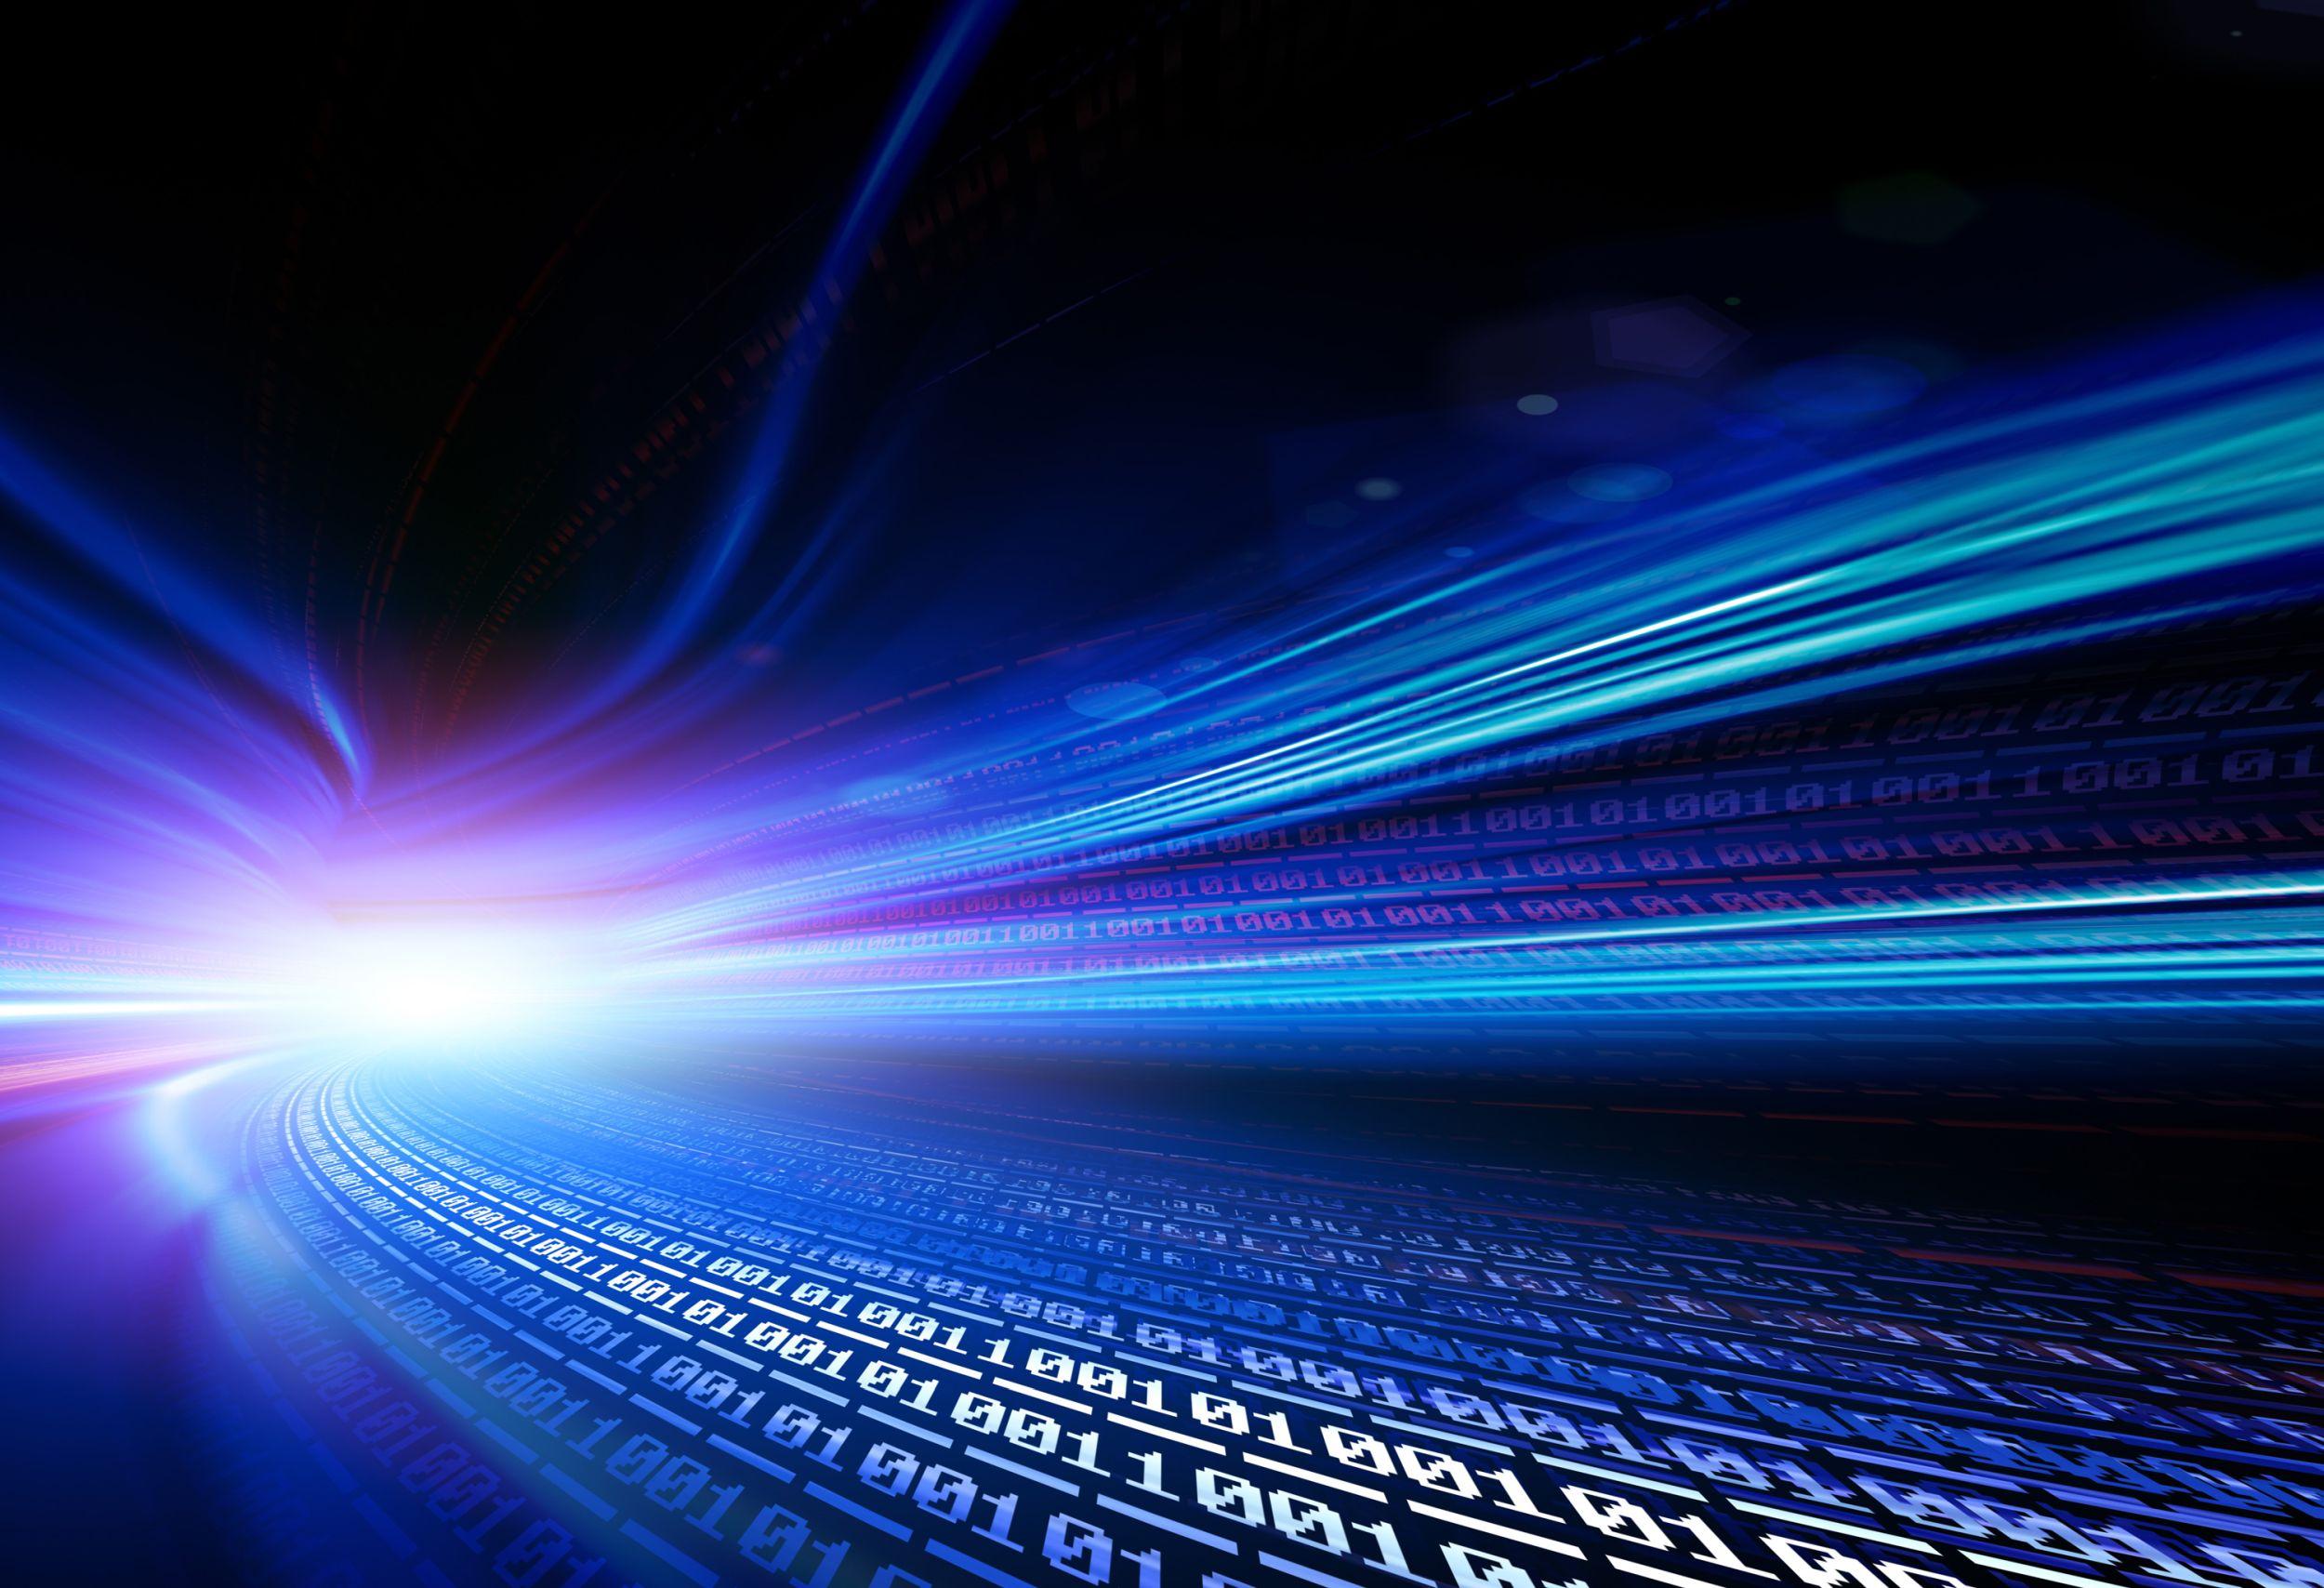 White data streams on a dark blue ground.